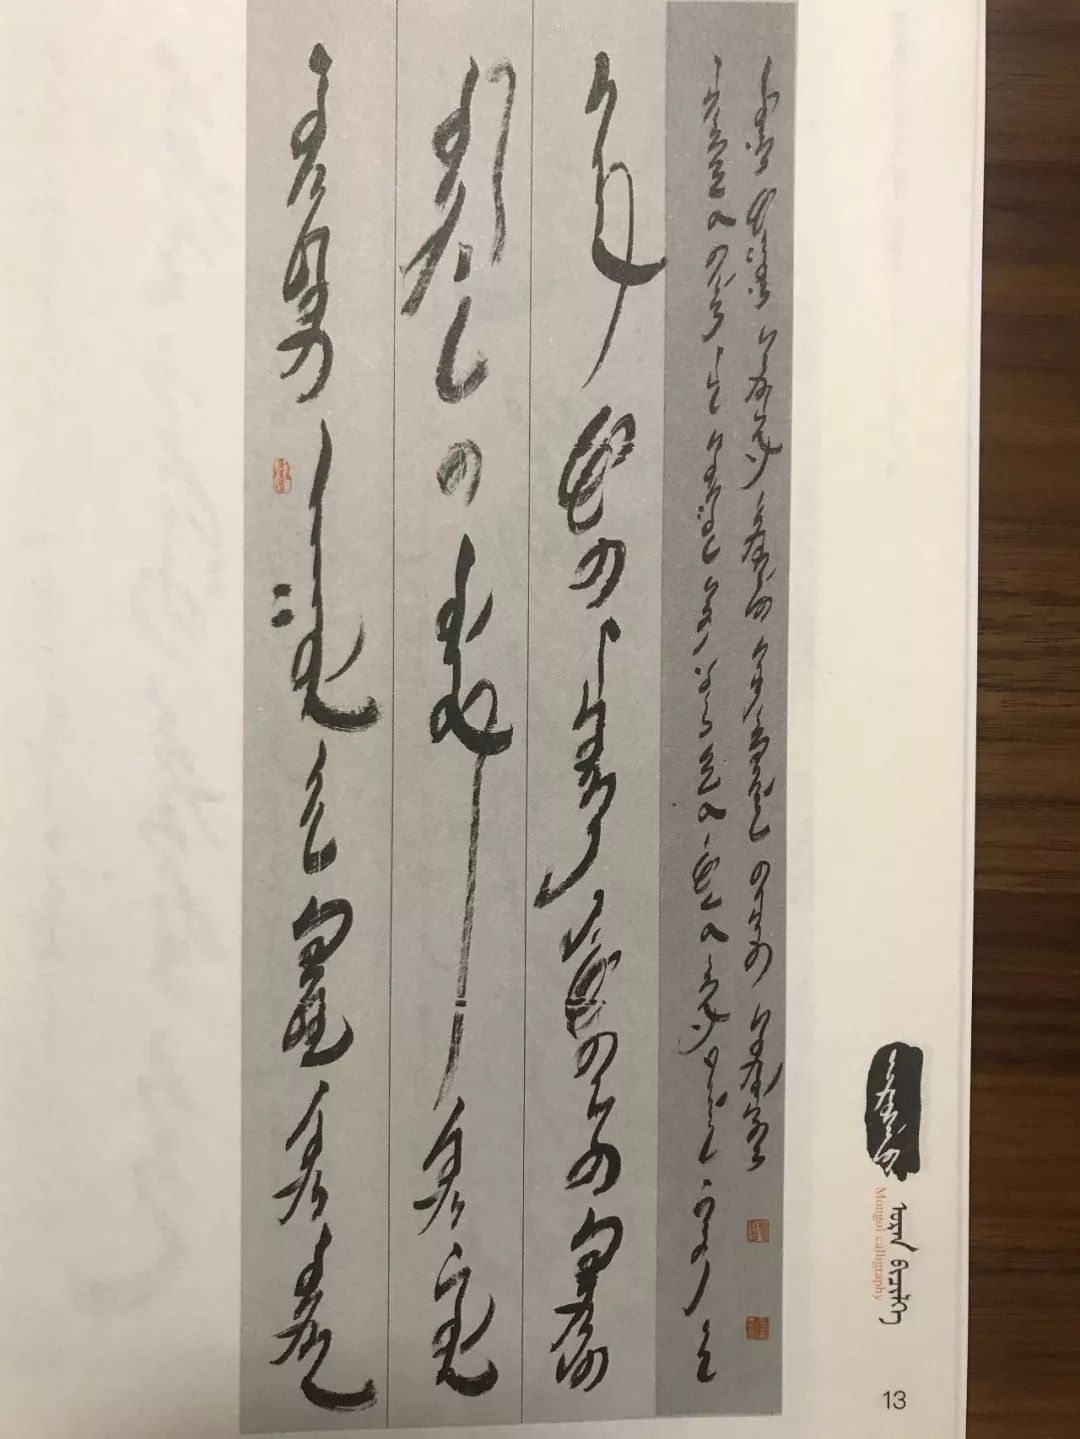 《蒙古文经典书法》在美丽呼伦贝尔首发 第11张 《蒙古文经典书法》在美丽呼伦贝尔首发 蒙古书法